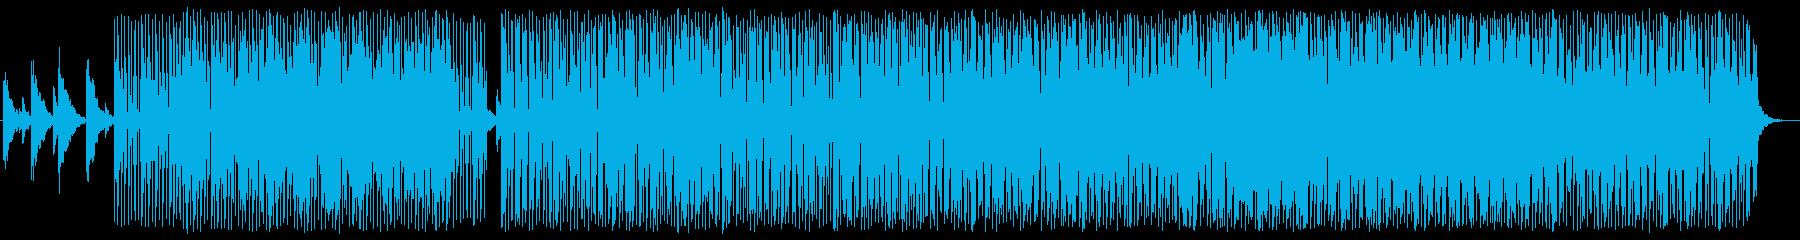 夜の街を描写したNU Jazzの再生済みの波形